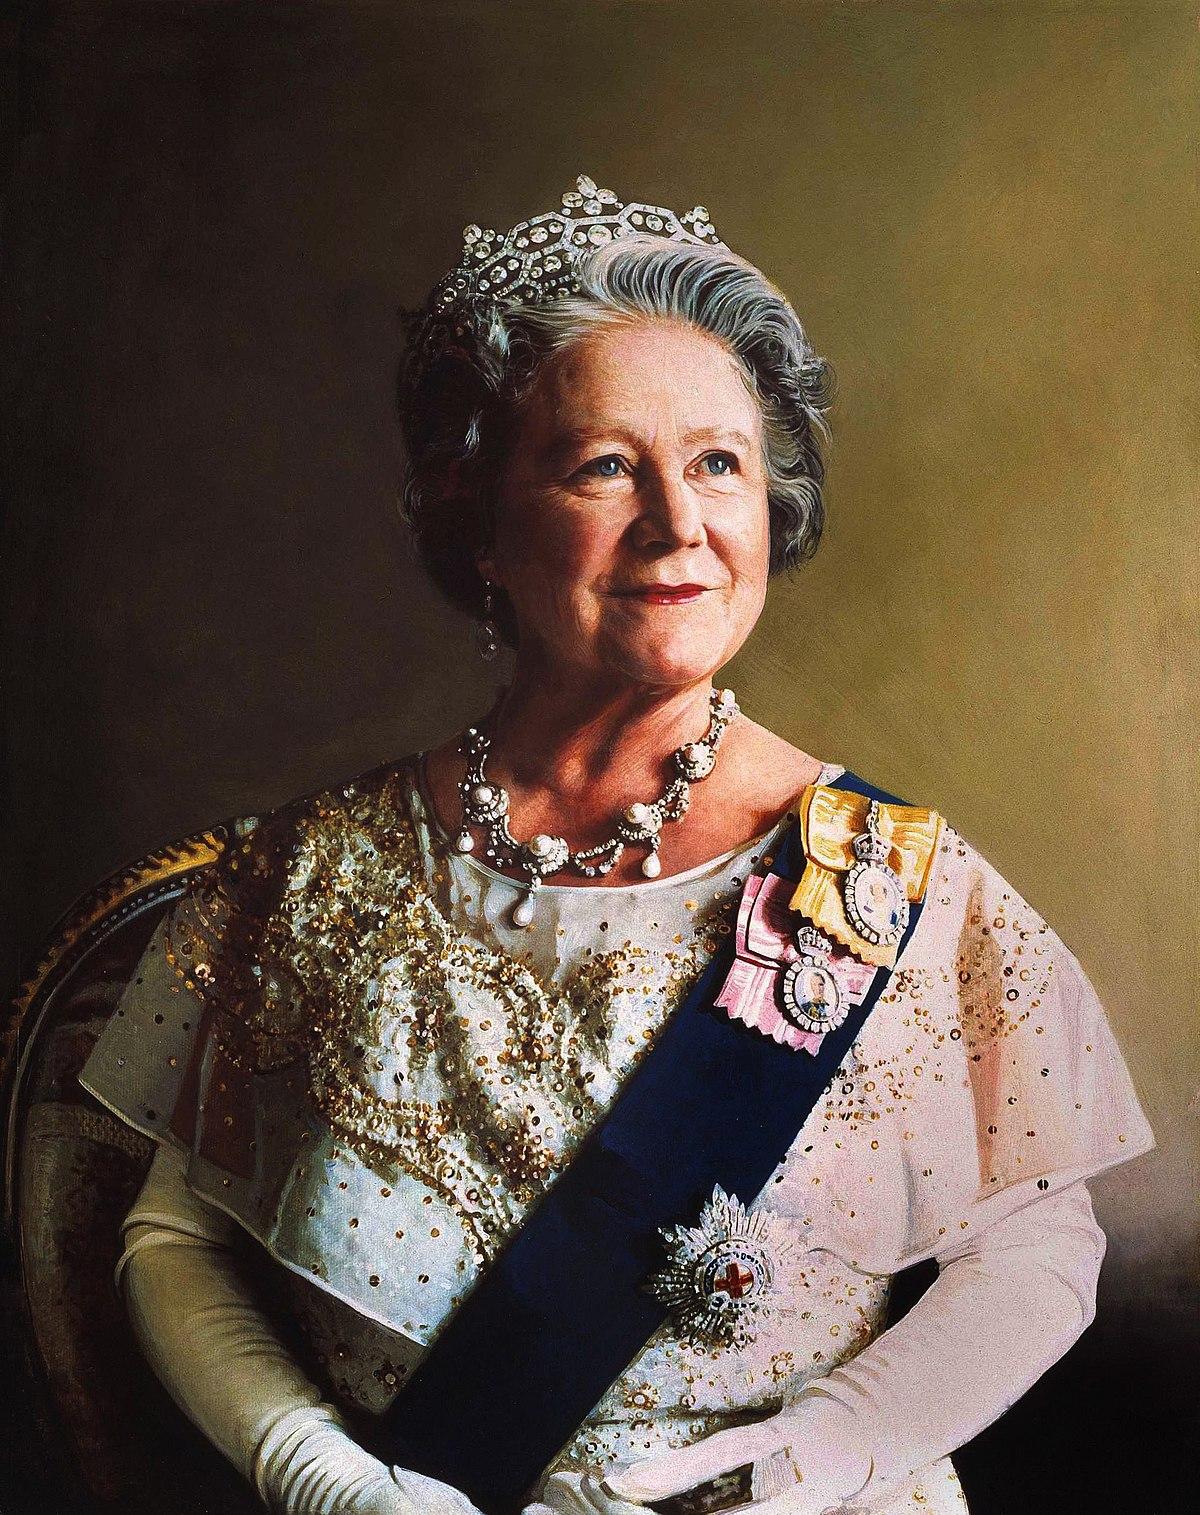 File:Queen Elizabeth the Queen Mother portrait.jpg - Wikimedia Commons